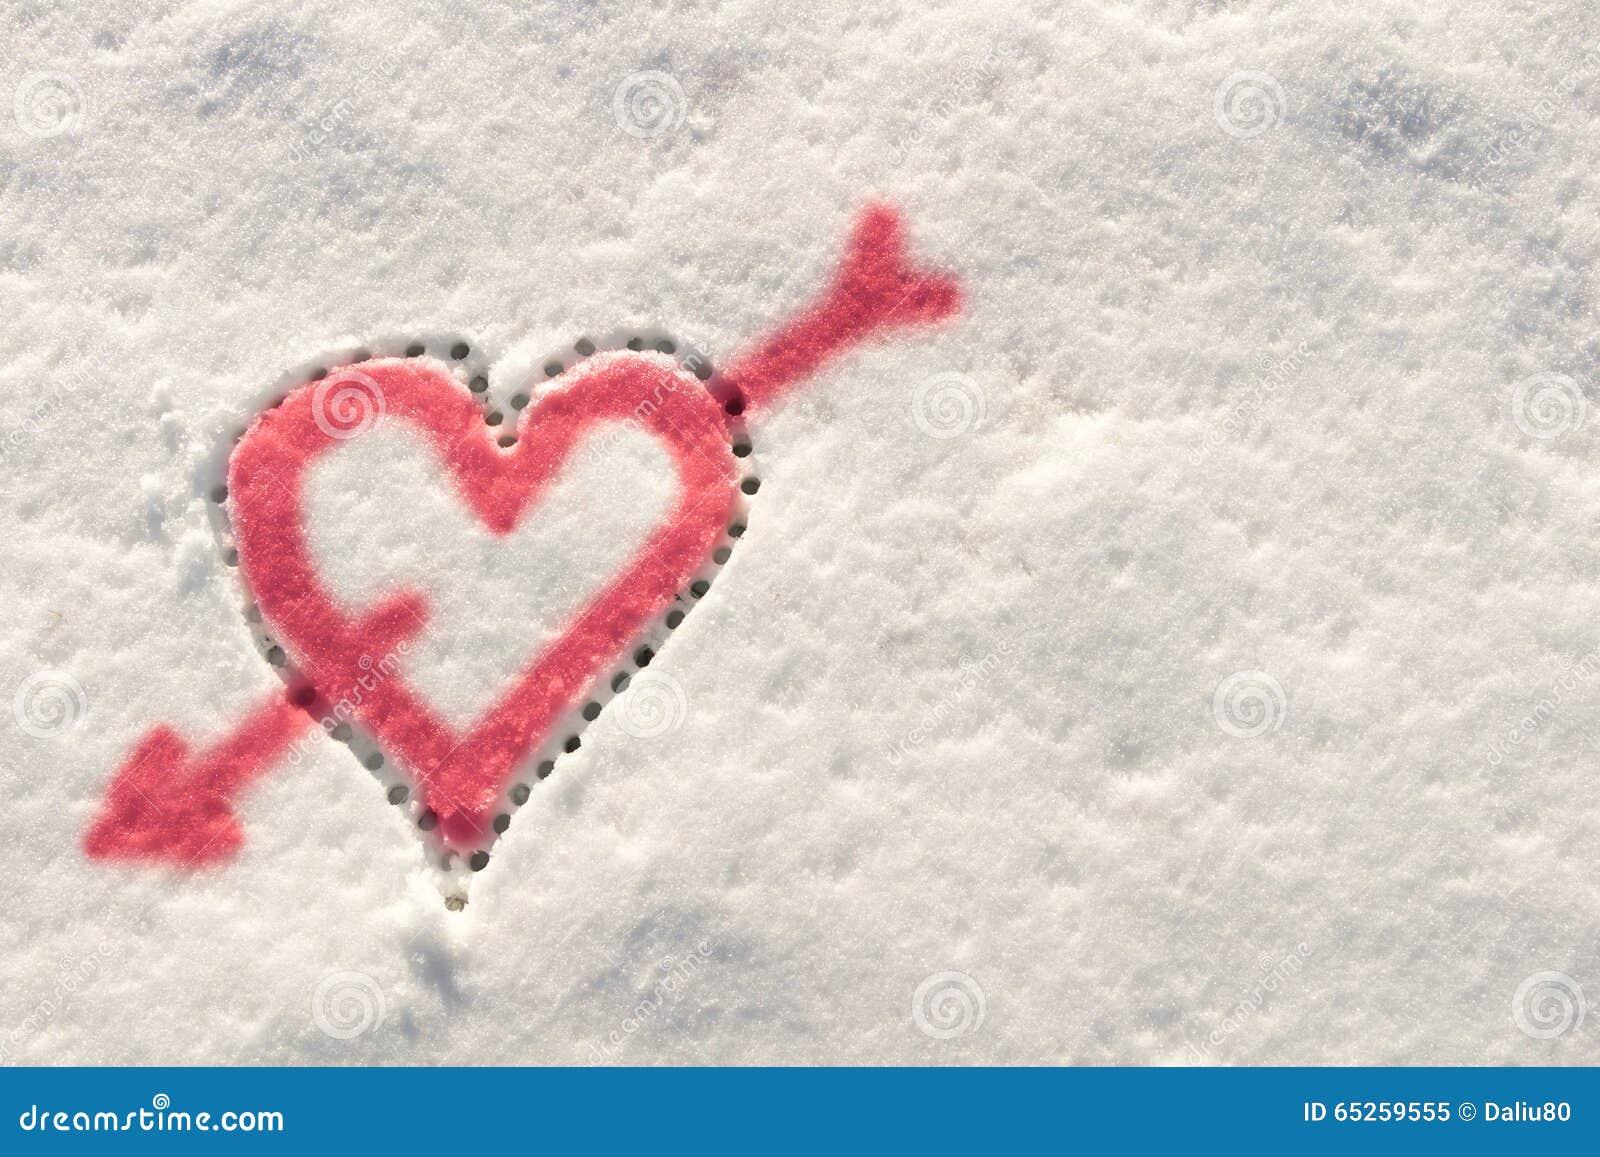 gro es herz durchbohrt durch einen pfeil der liebe gezeichnet in den schnee im winter stockbild. Black Bedroom Furniture Sets. Home Design Ideas